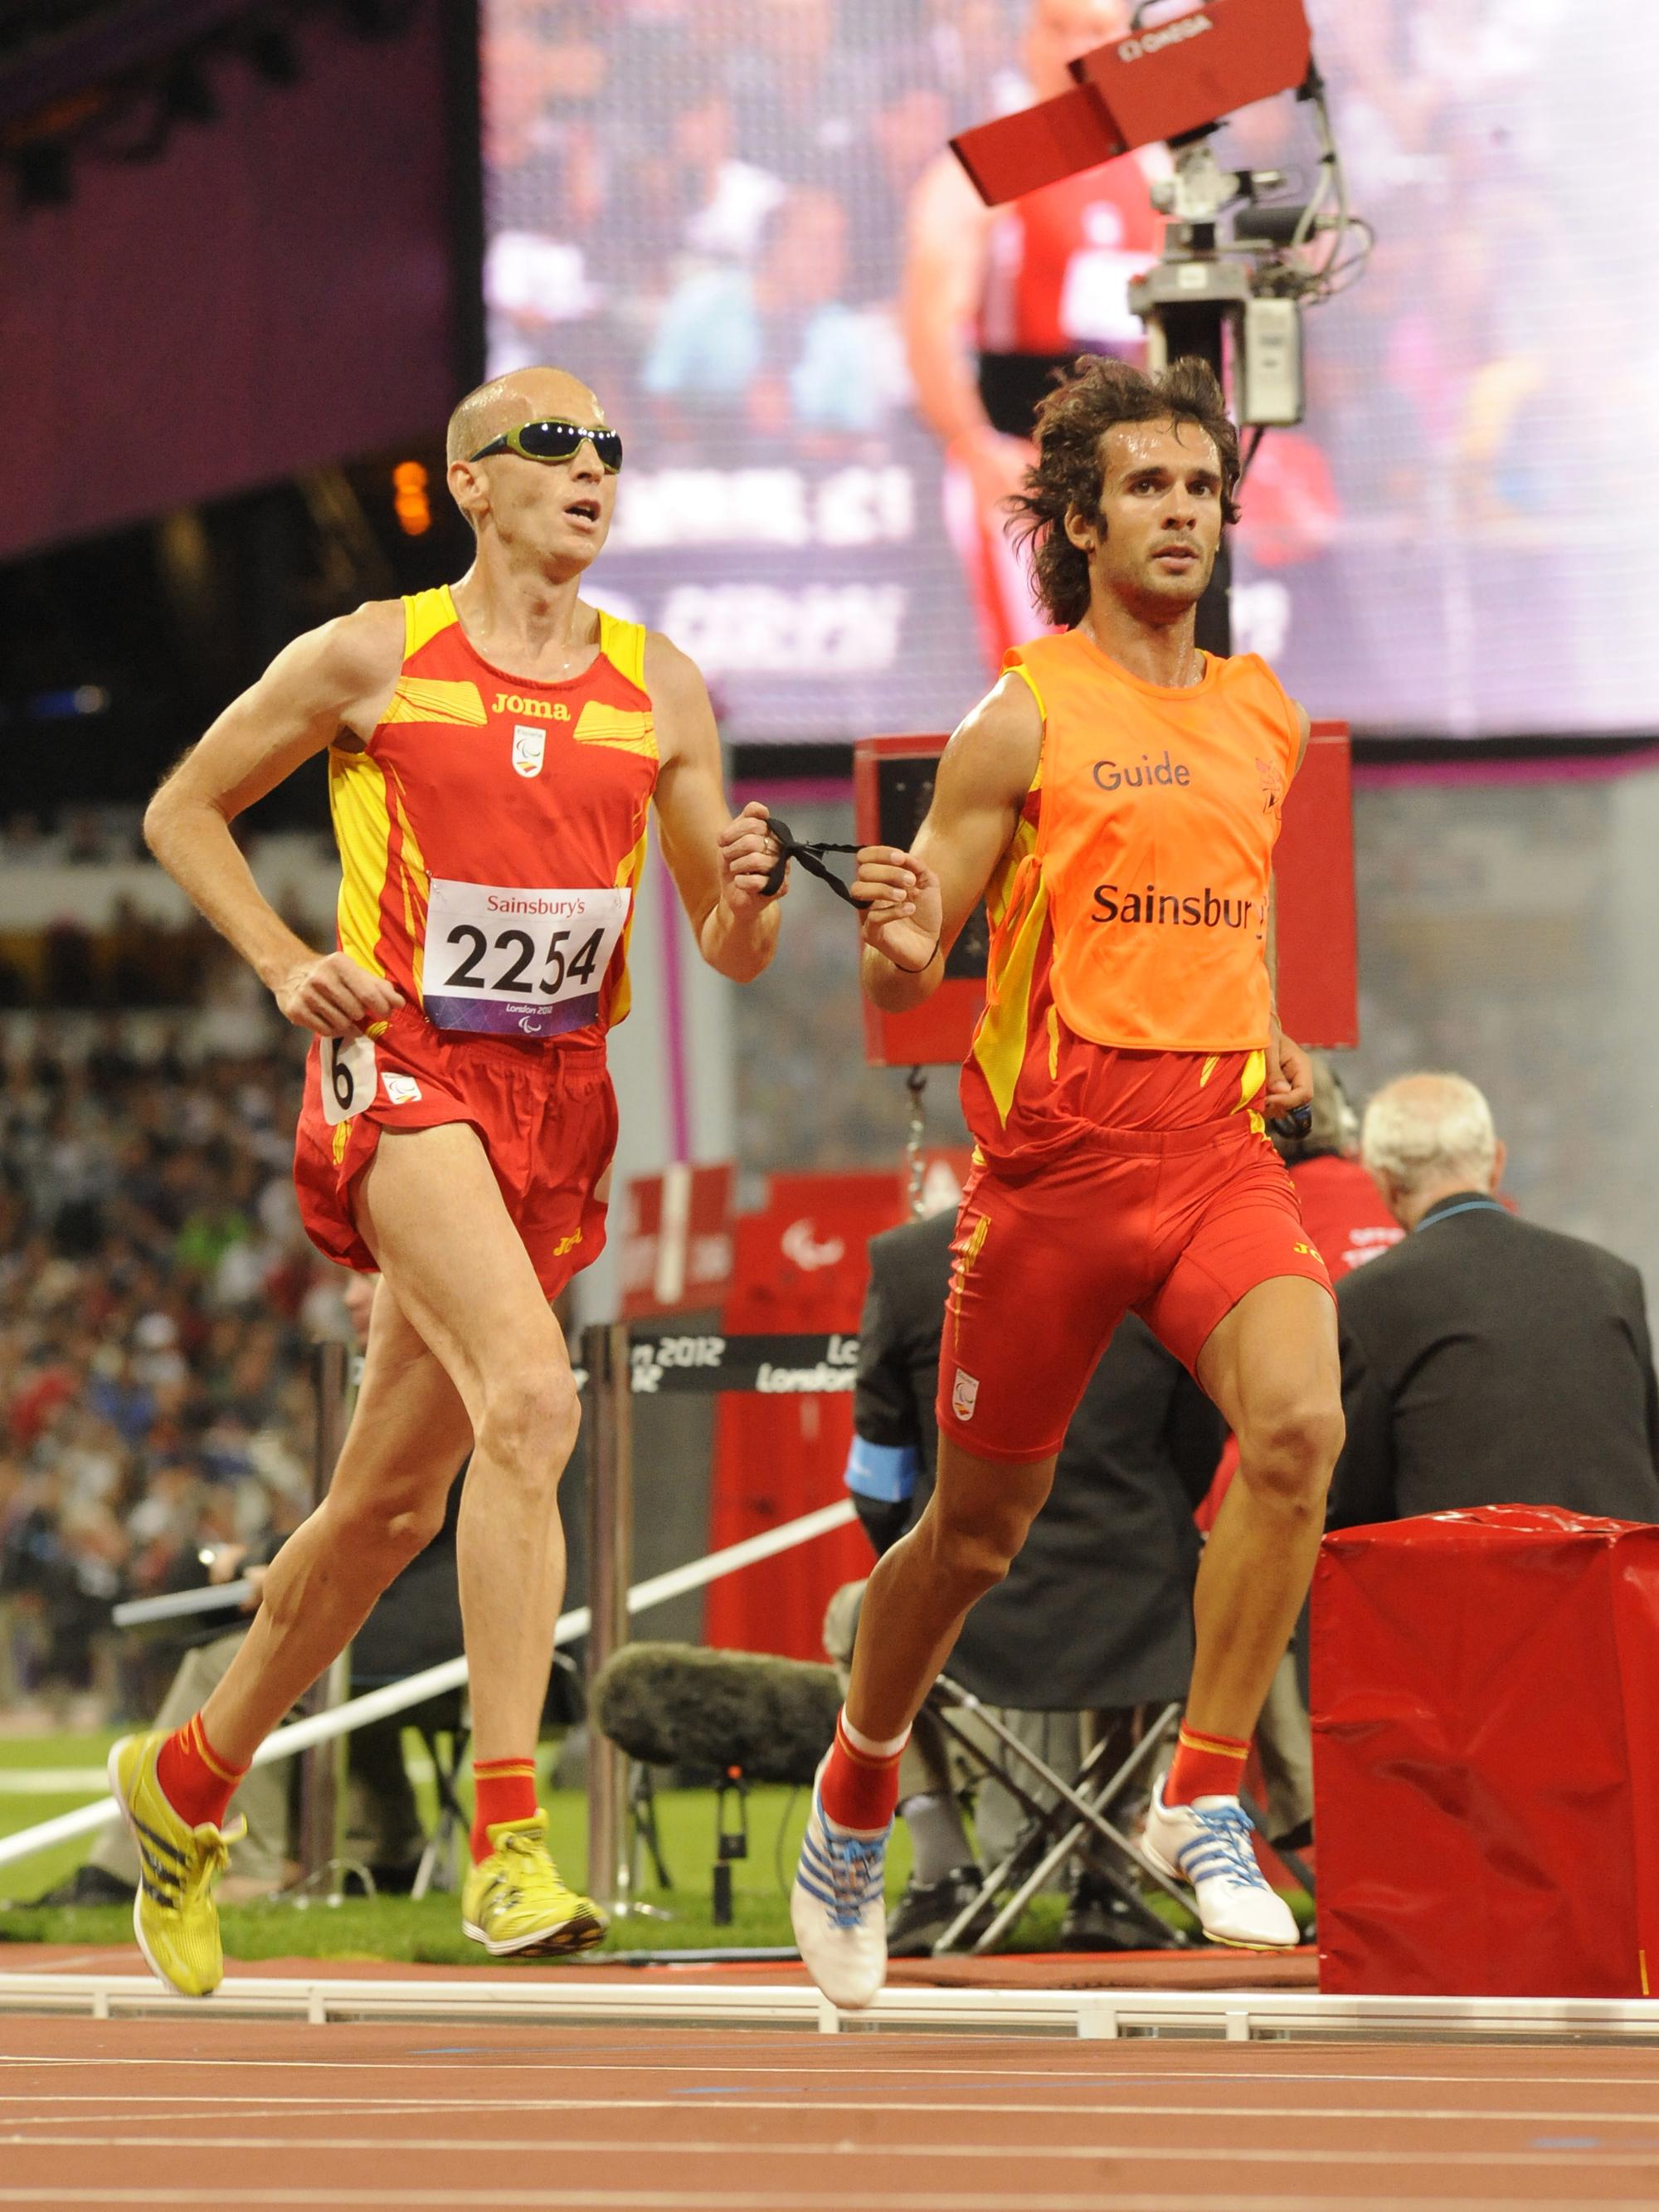 Ricardo de Pedraza en la final de los 5000 metros.